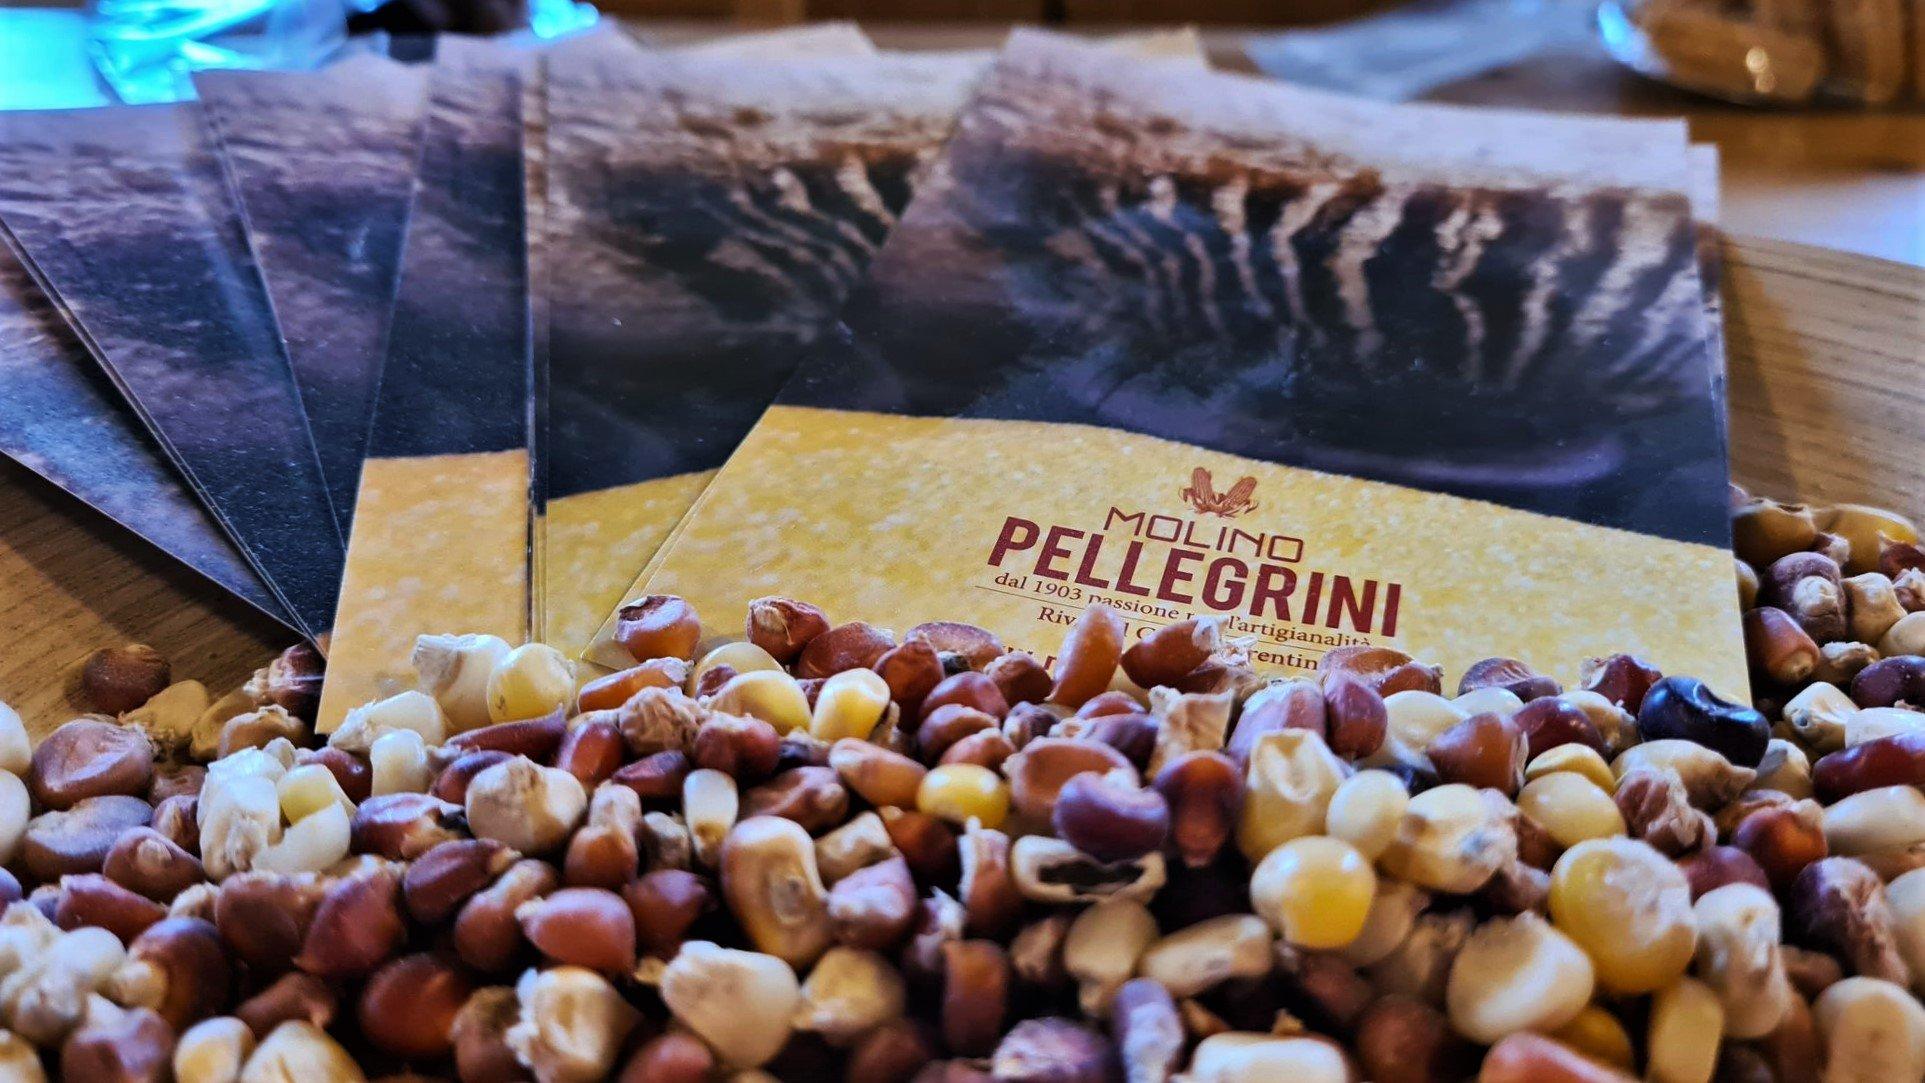 Trentino Visitare Molino Pellegrini a Riva del Garda